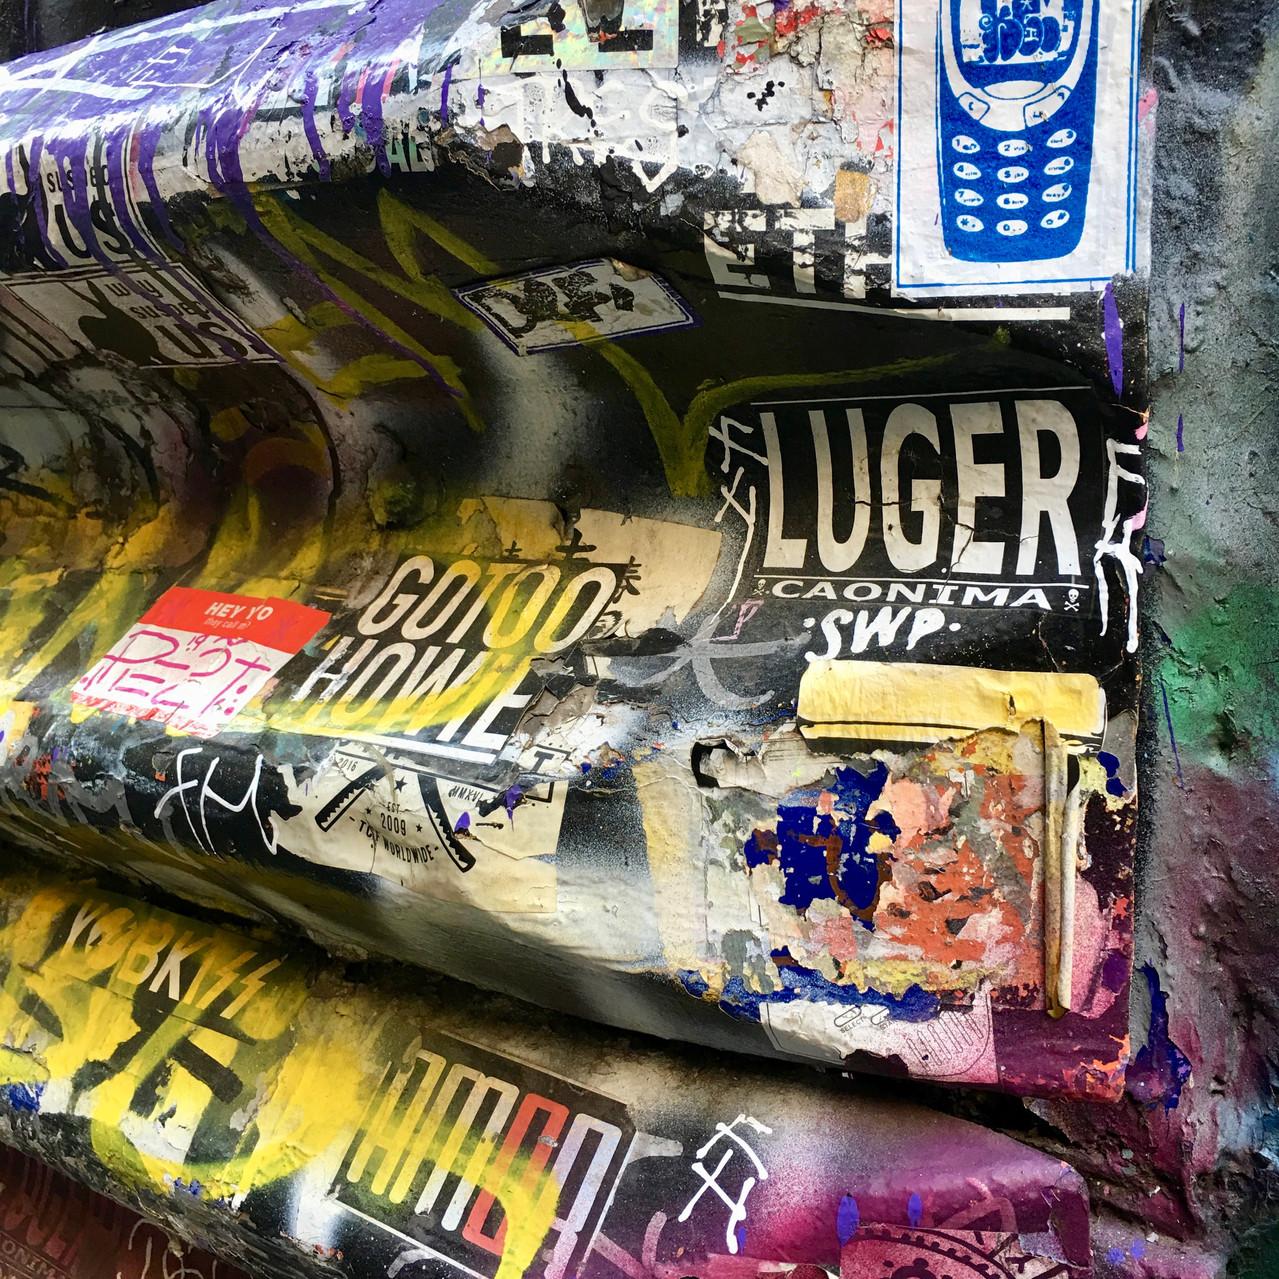 Graffiti and stickers on corrugated iron | Union Lane